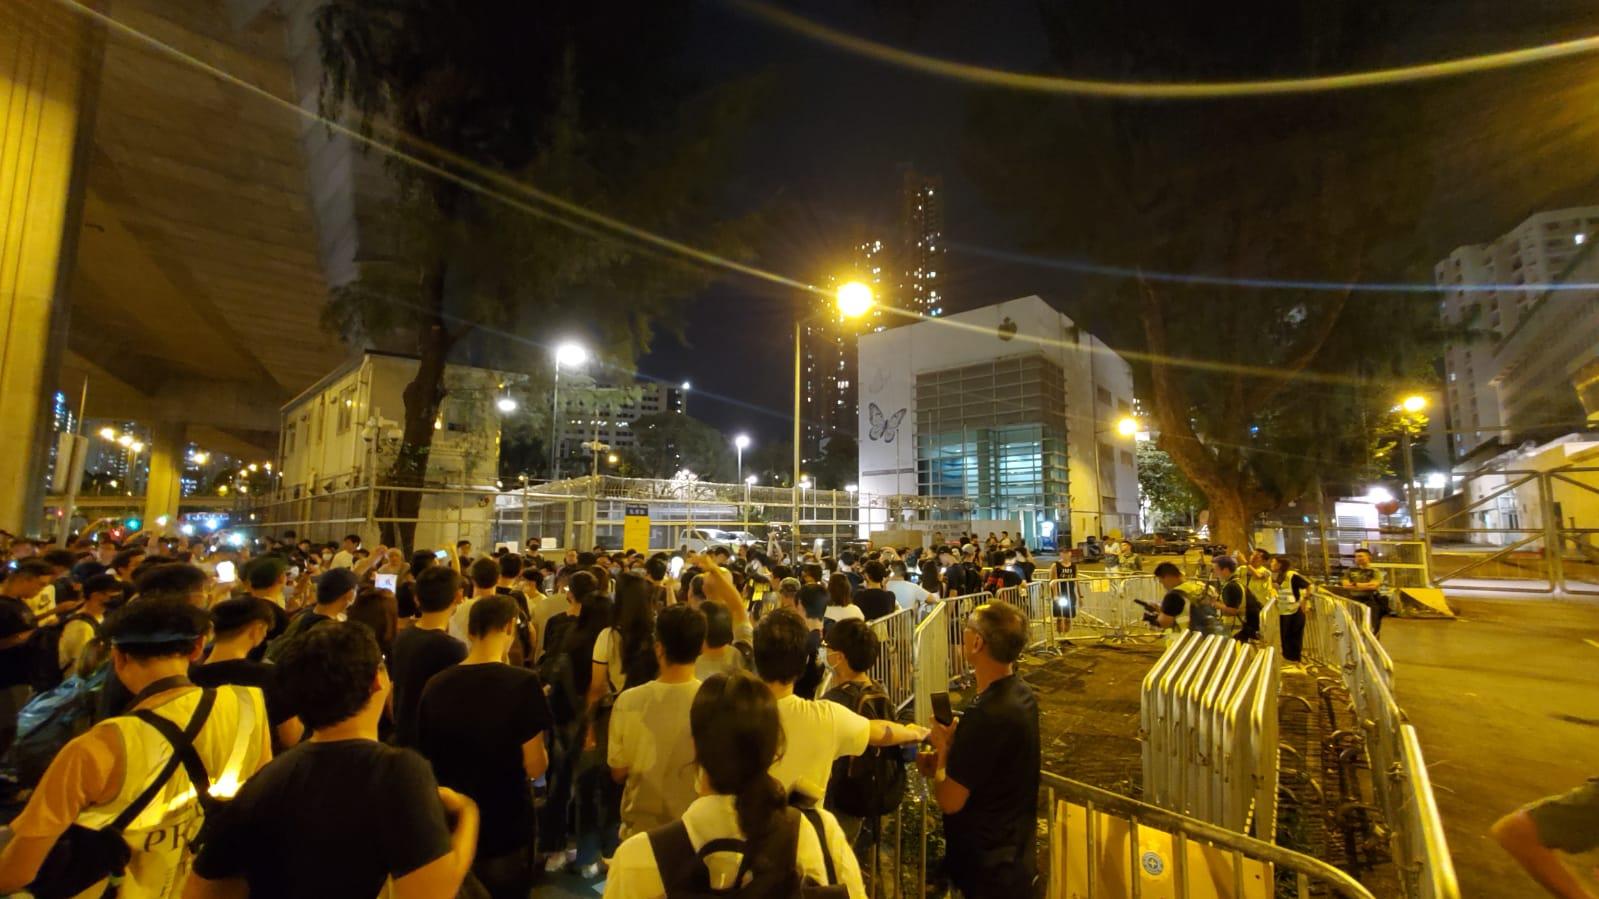 【修例风波】过百人荔枝角声援被捕示威者 镭射笔照向收押所